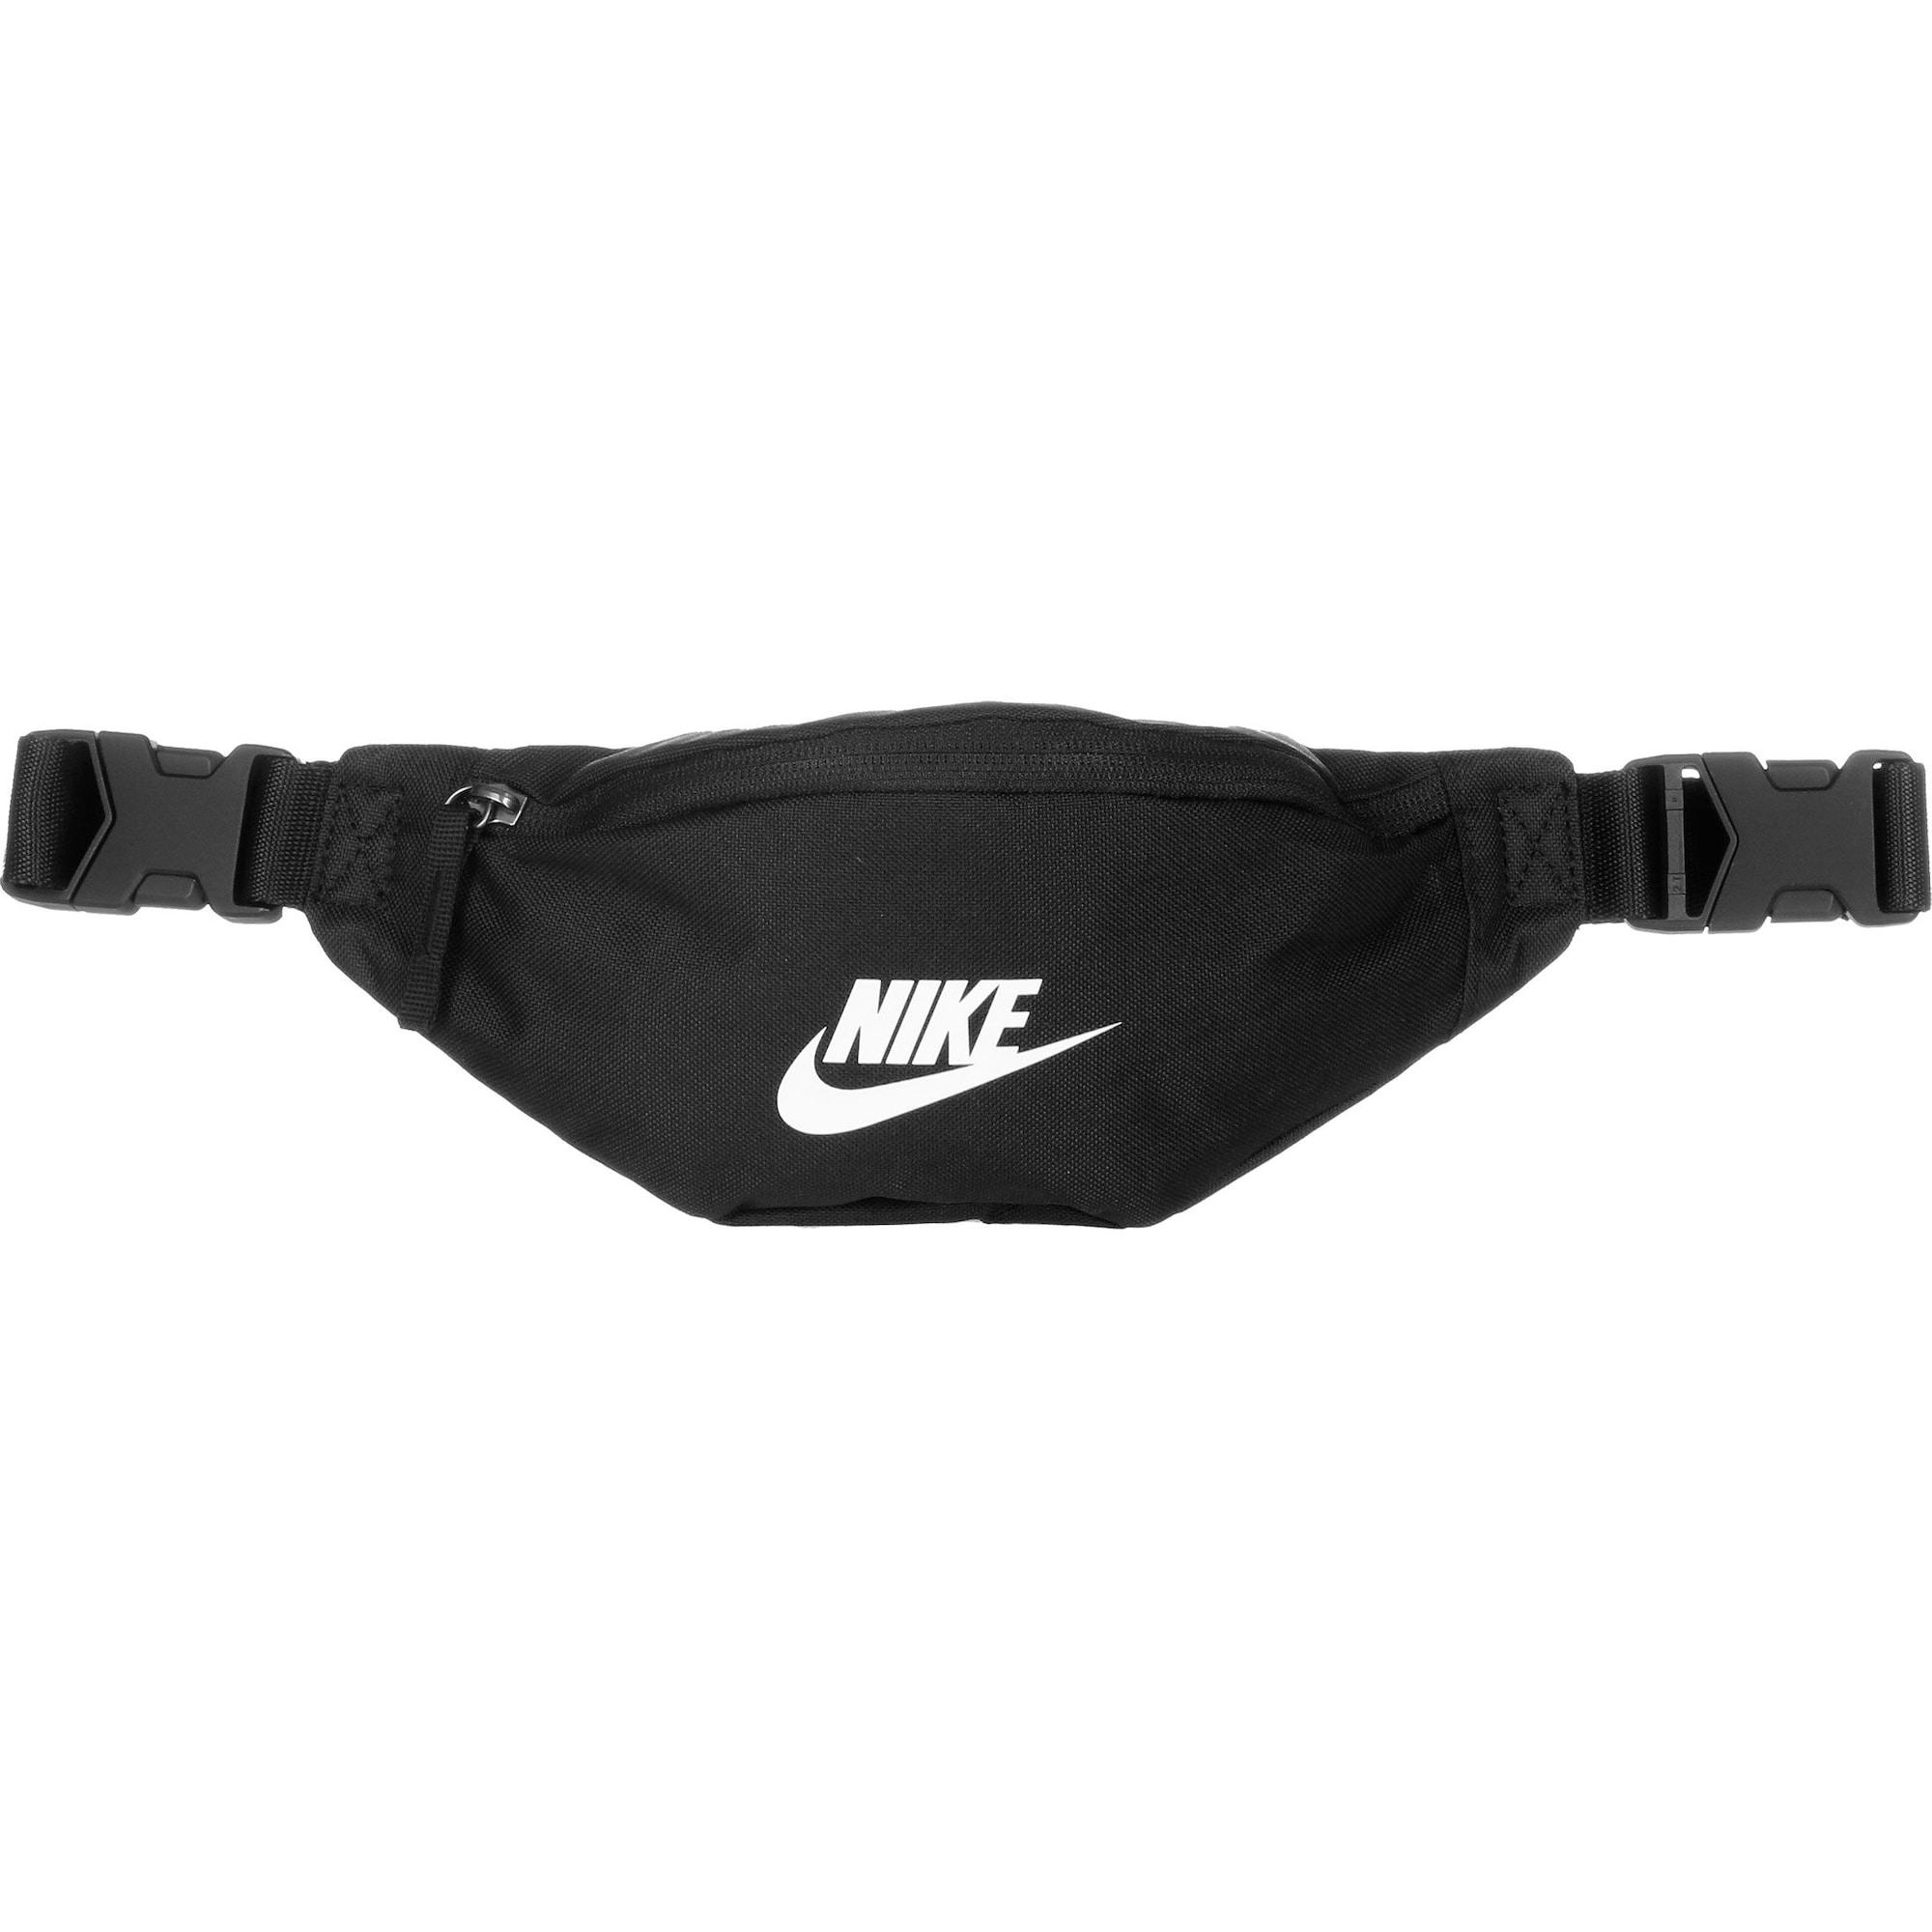 Nike Sportswear Rankinė ant juosmens 'Heritage' juoda / balta